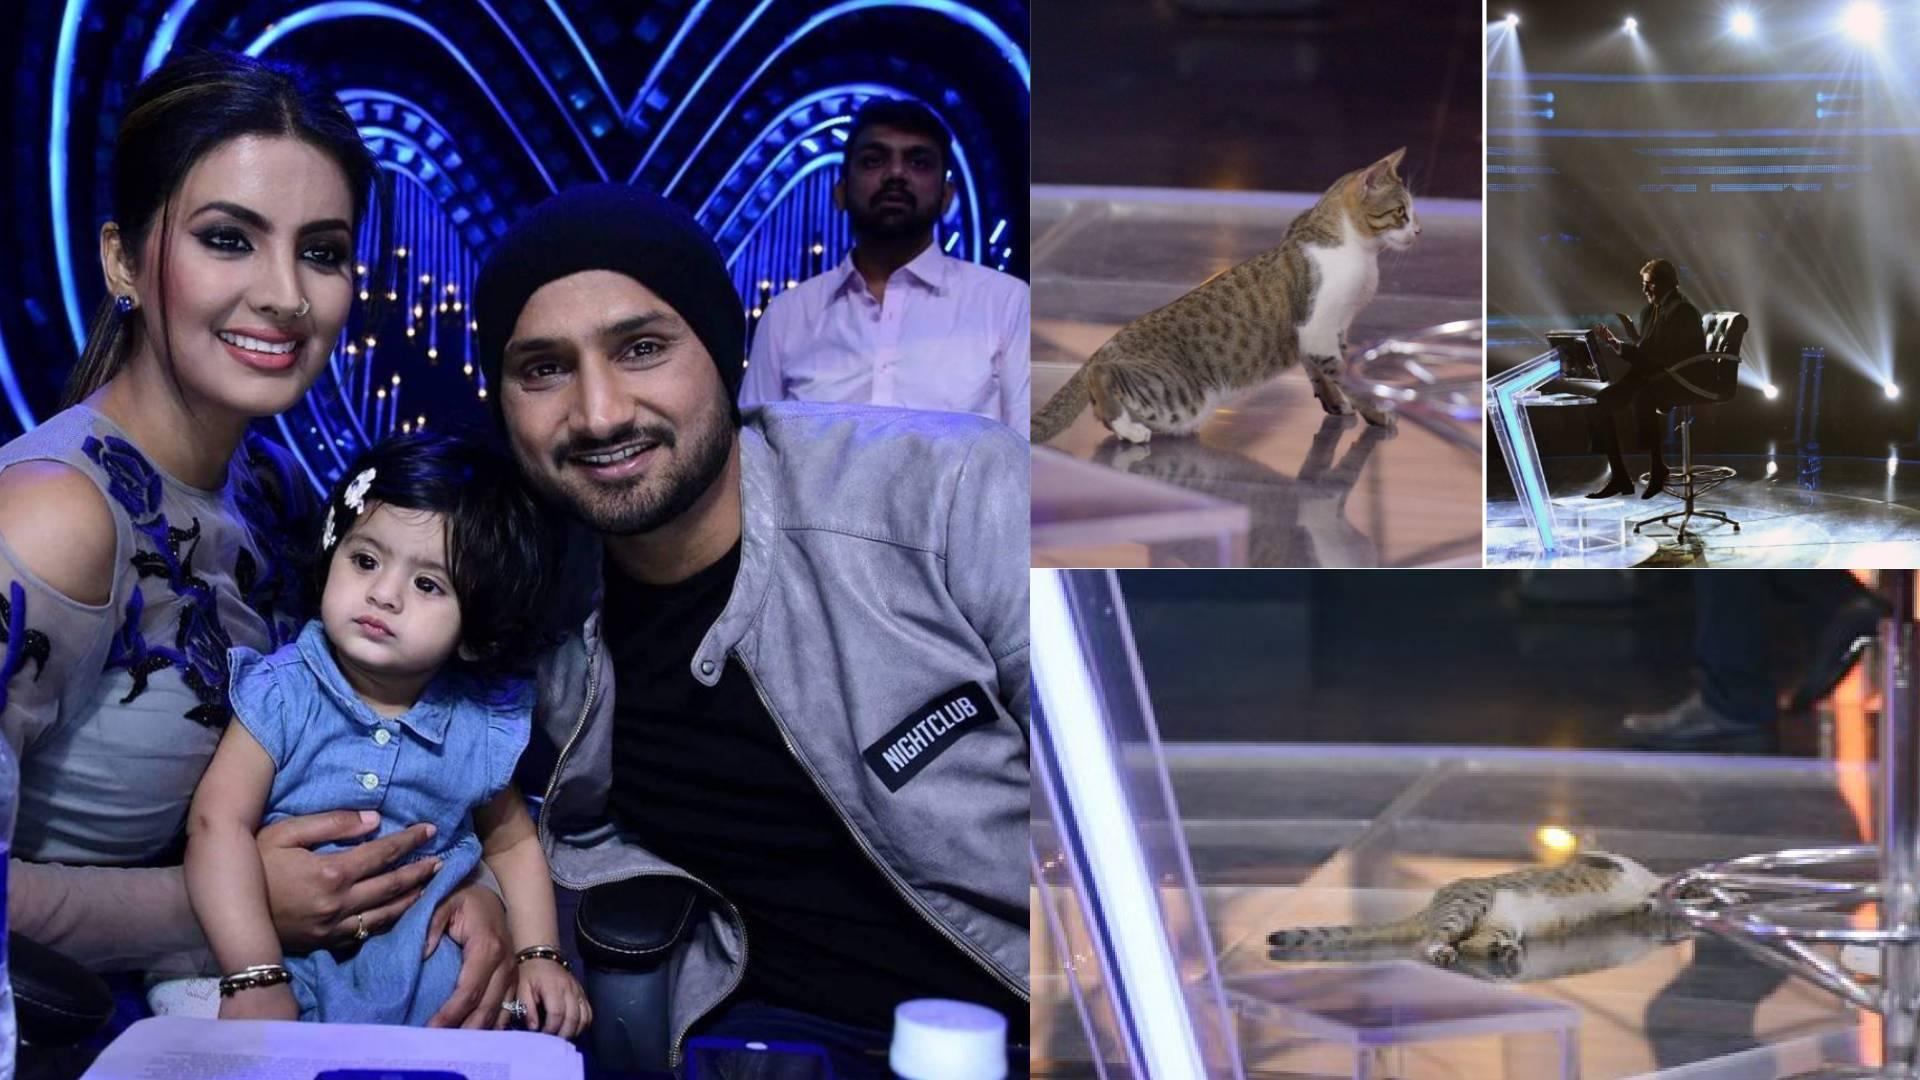 Trending News: केबीसी के मंच पर बिल्ली बनने पहुंची करोड़पति, हरभजन सिंह ने अपनी शादी को लेकर किया बड़ा खुलासा